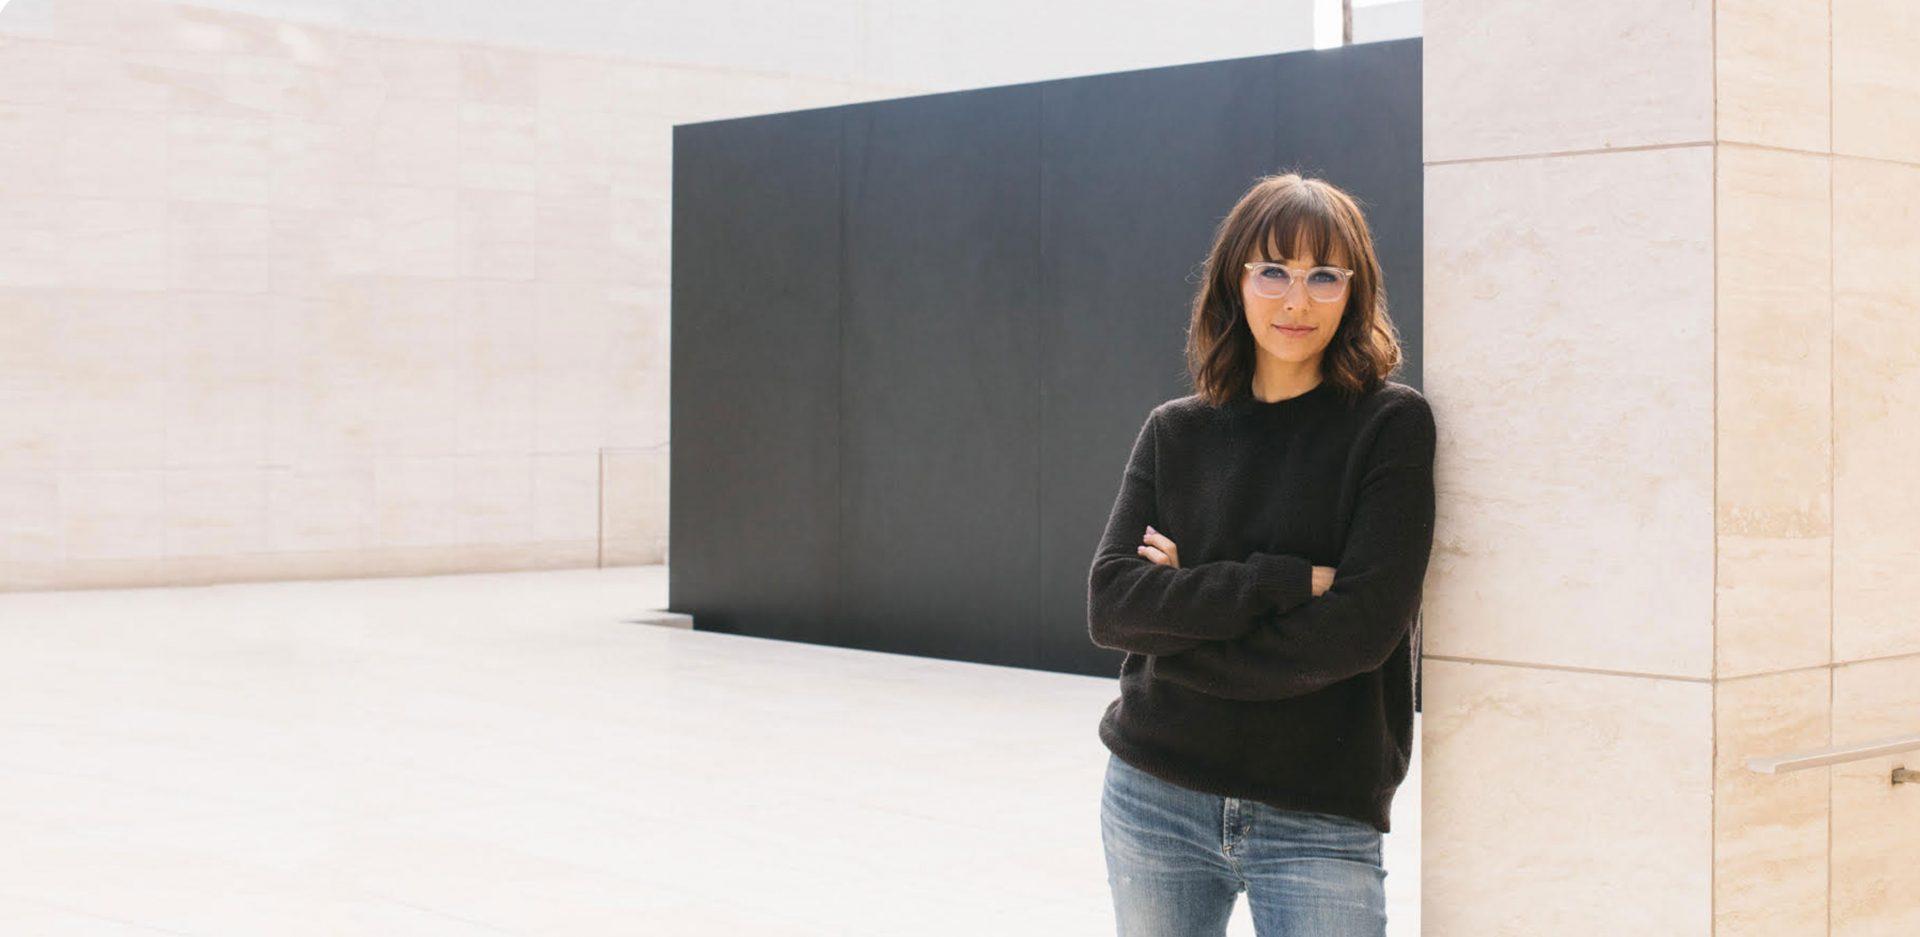 Illesteva x Rashida Eyewear Collaboration Design Celebrity